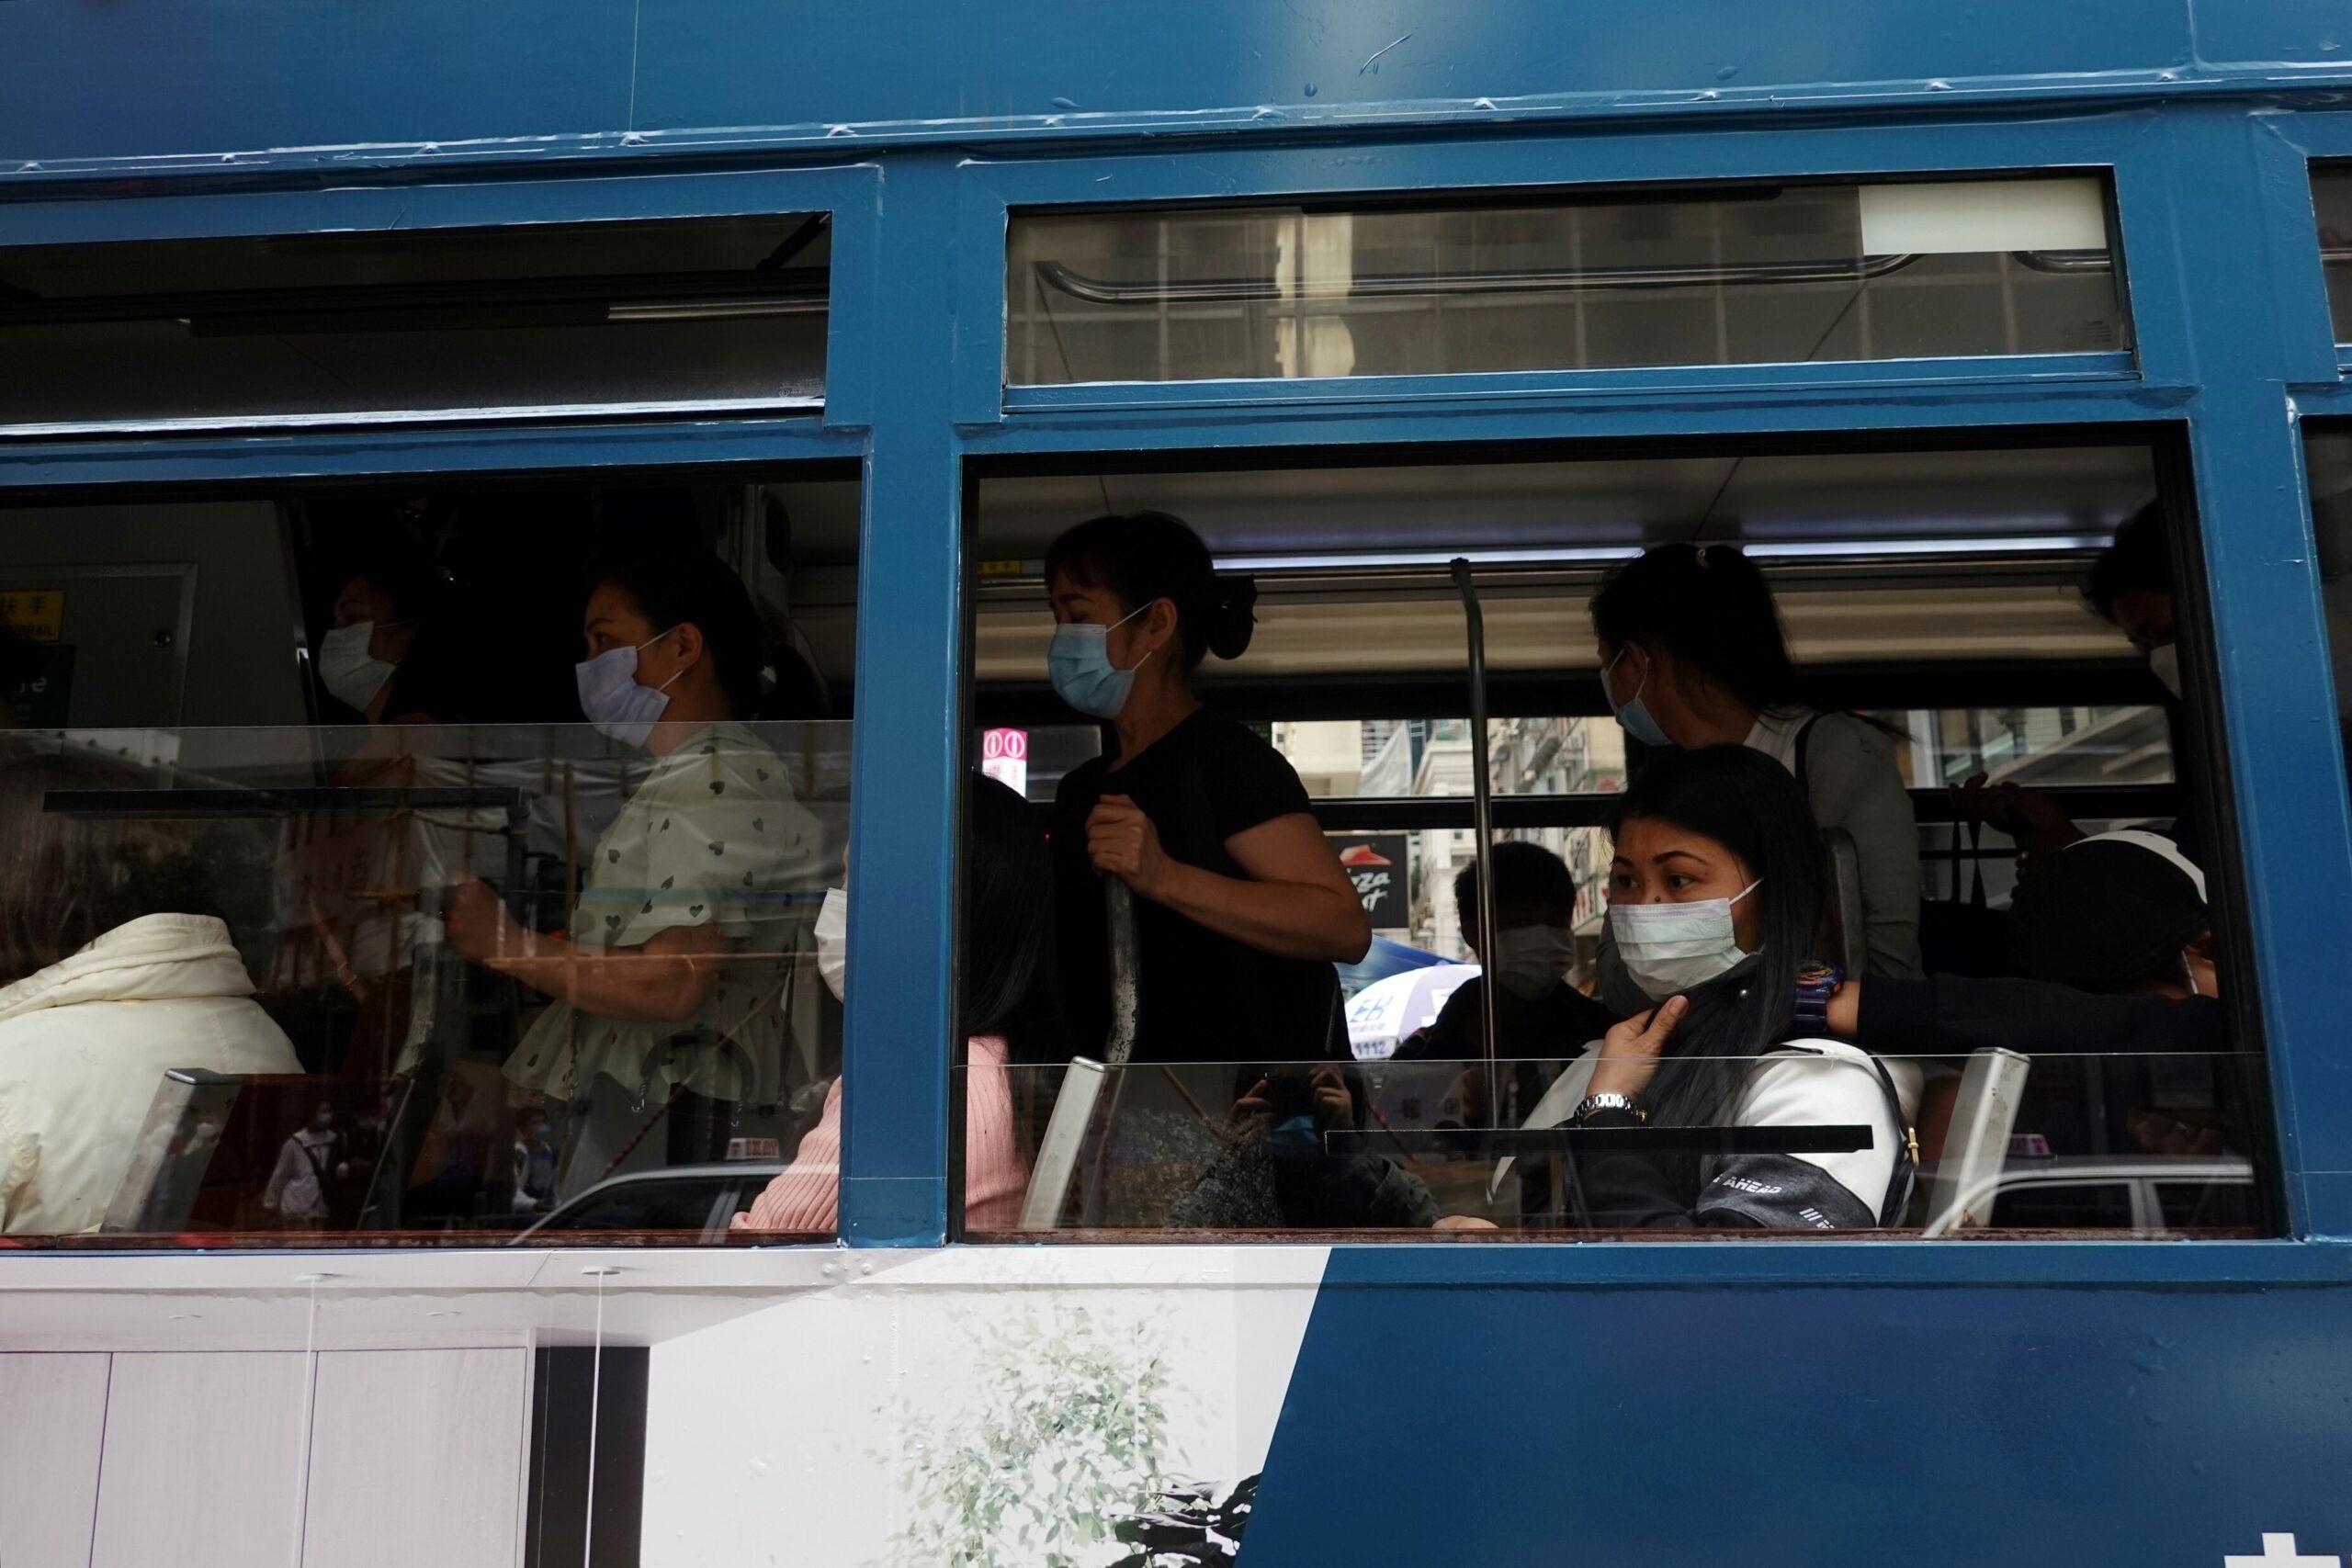 ฮ่องกงพบผู้ป่วยโควิดรายใหม่ 115 คน สูงสุดใน 4 เดือน